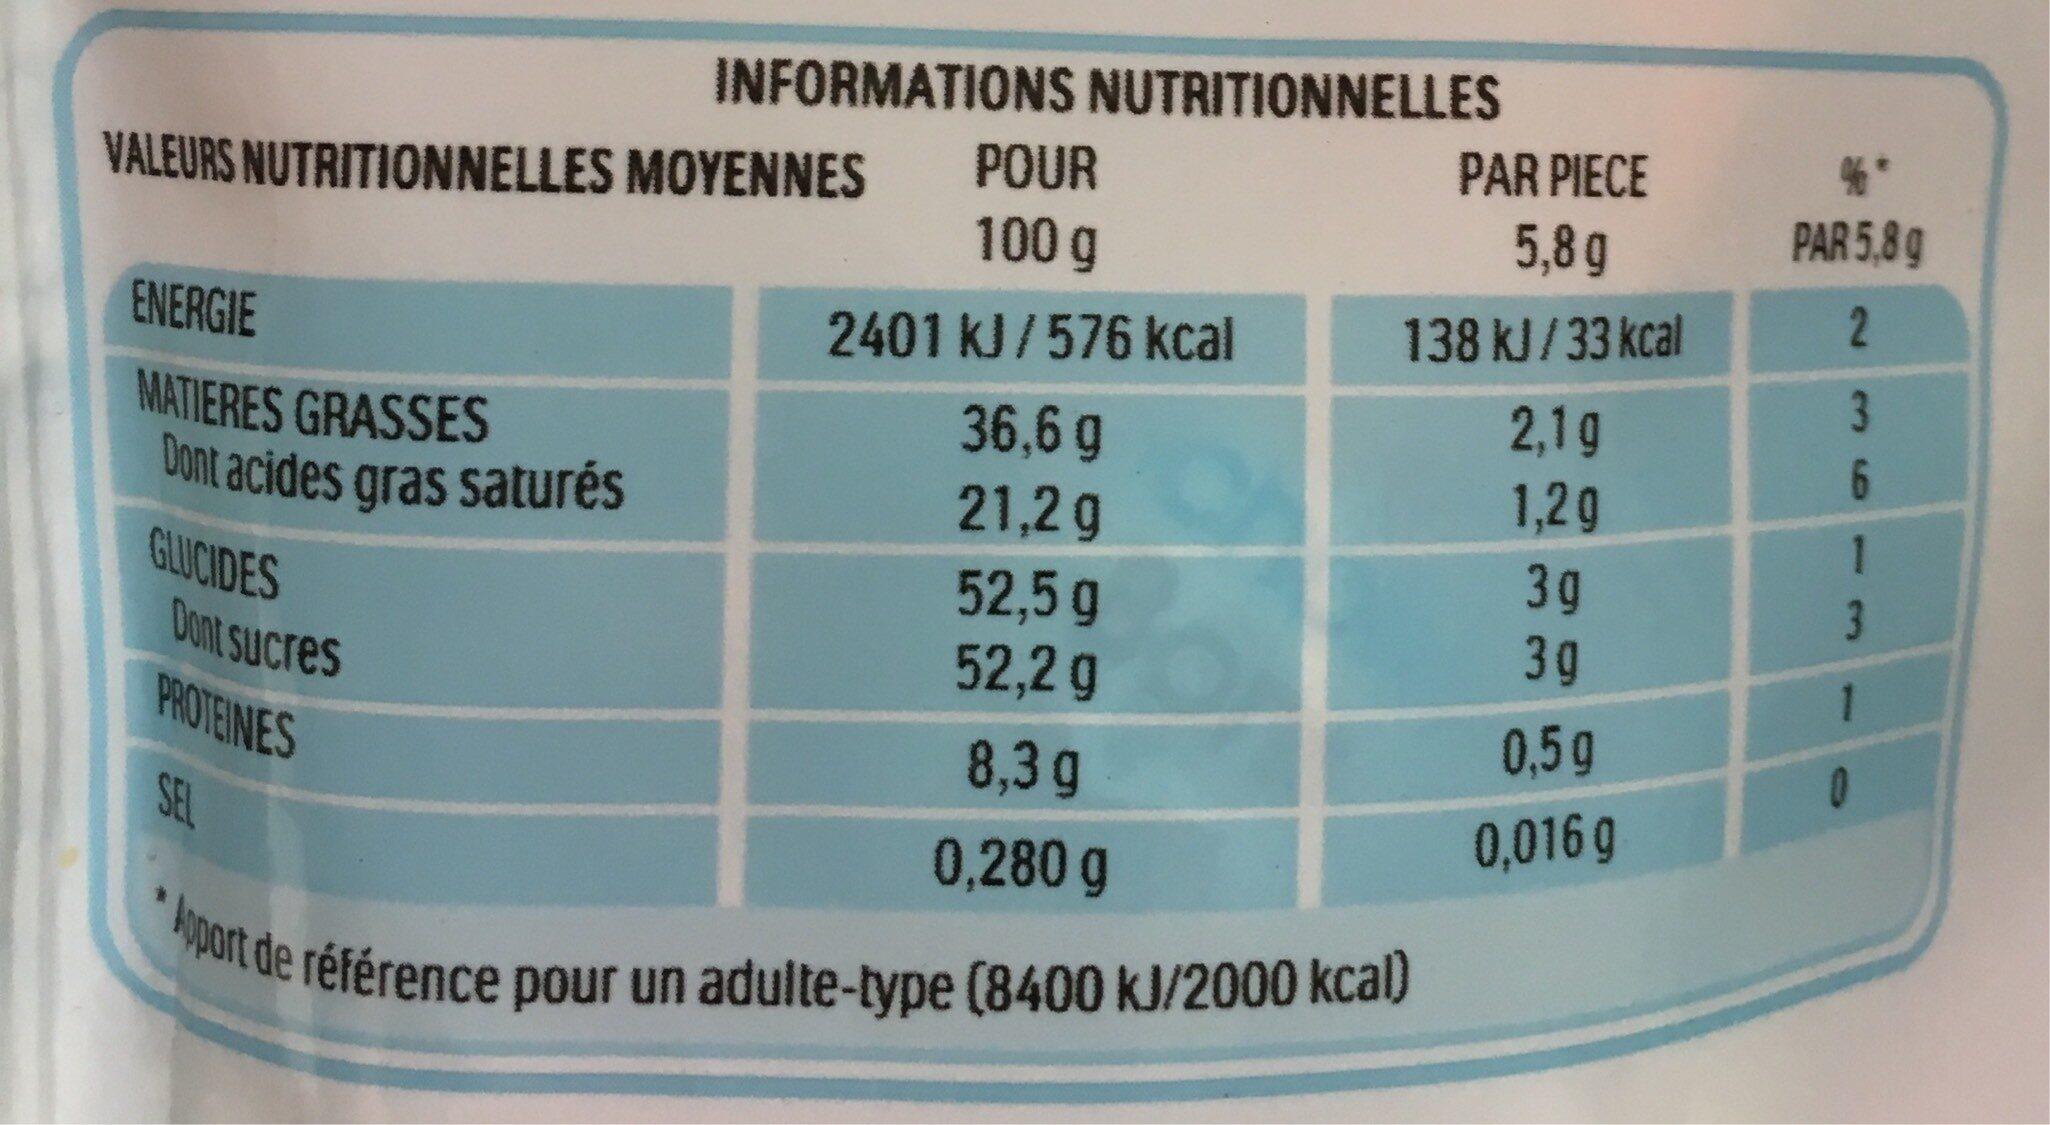 Kinder schokobons sachet de - Información nutricional - fr